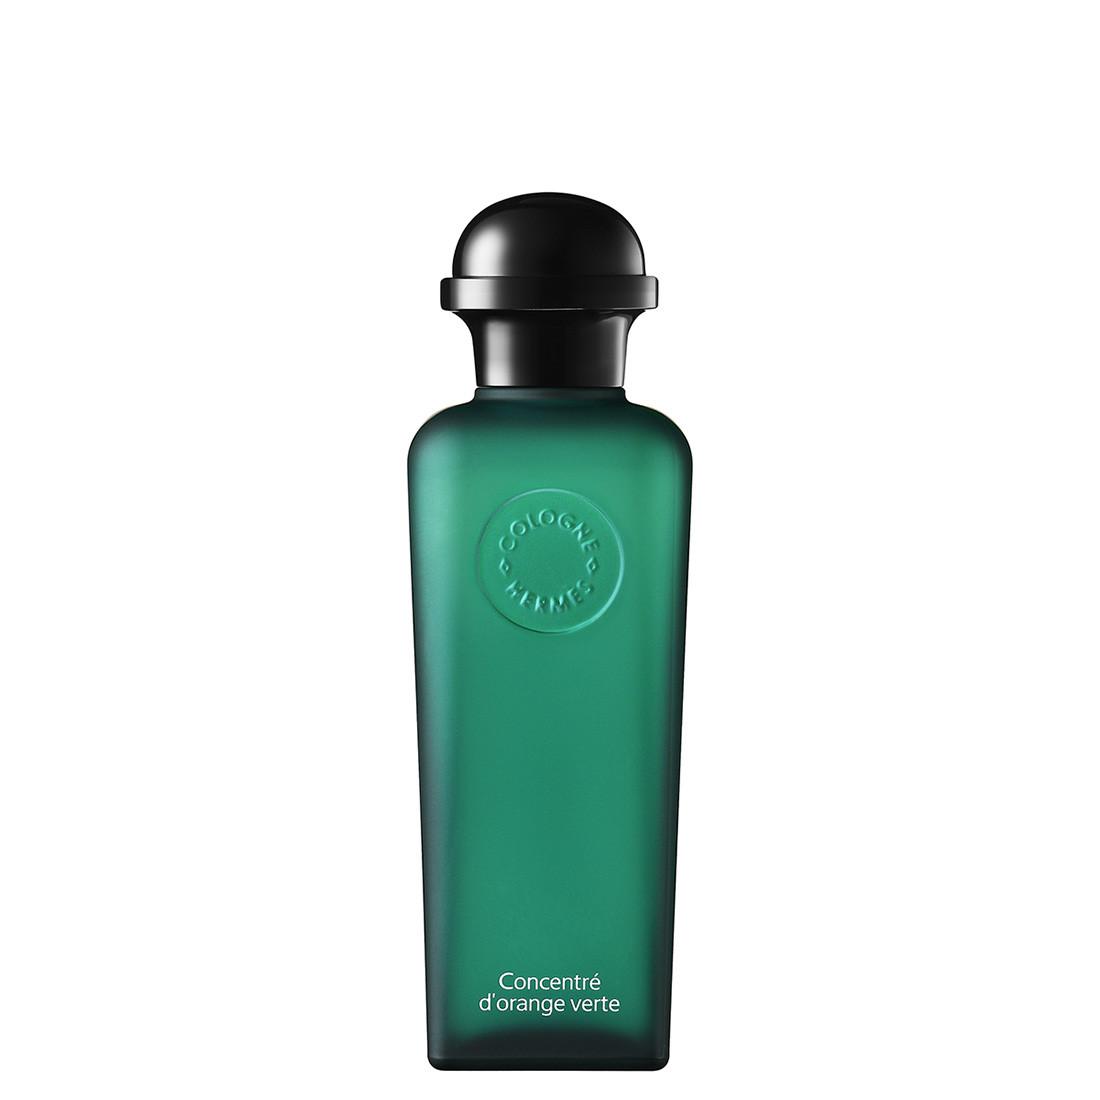 HERMÈS - Concentré d'Orange Verte Eau de Toilette - 50 ml